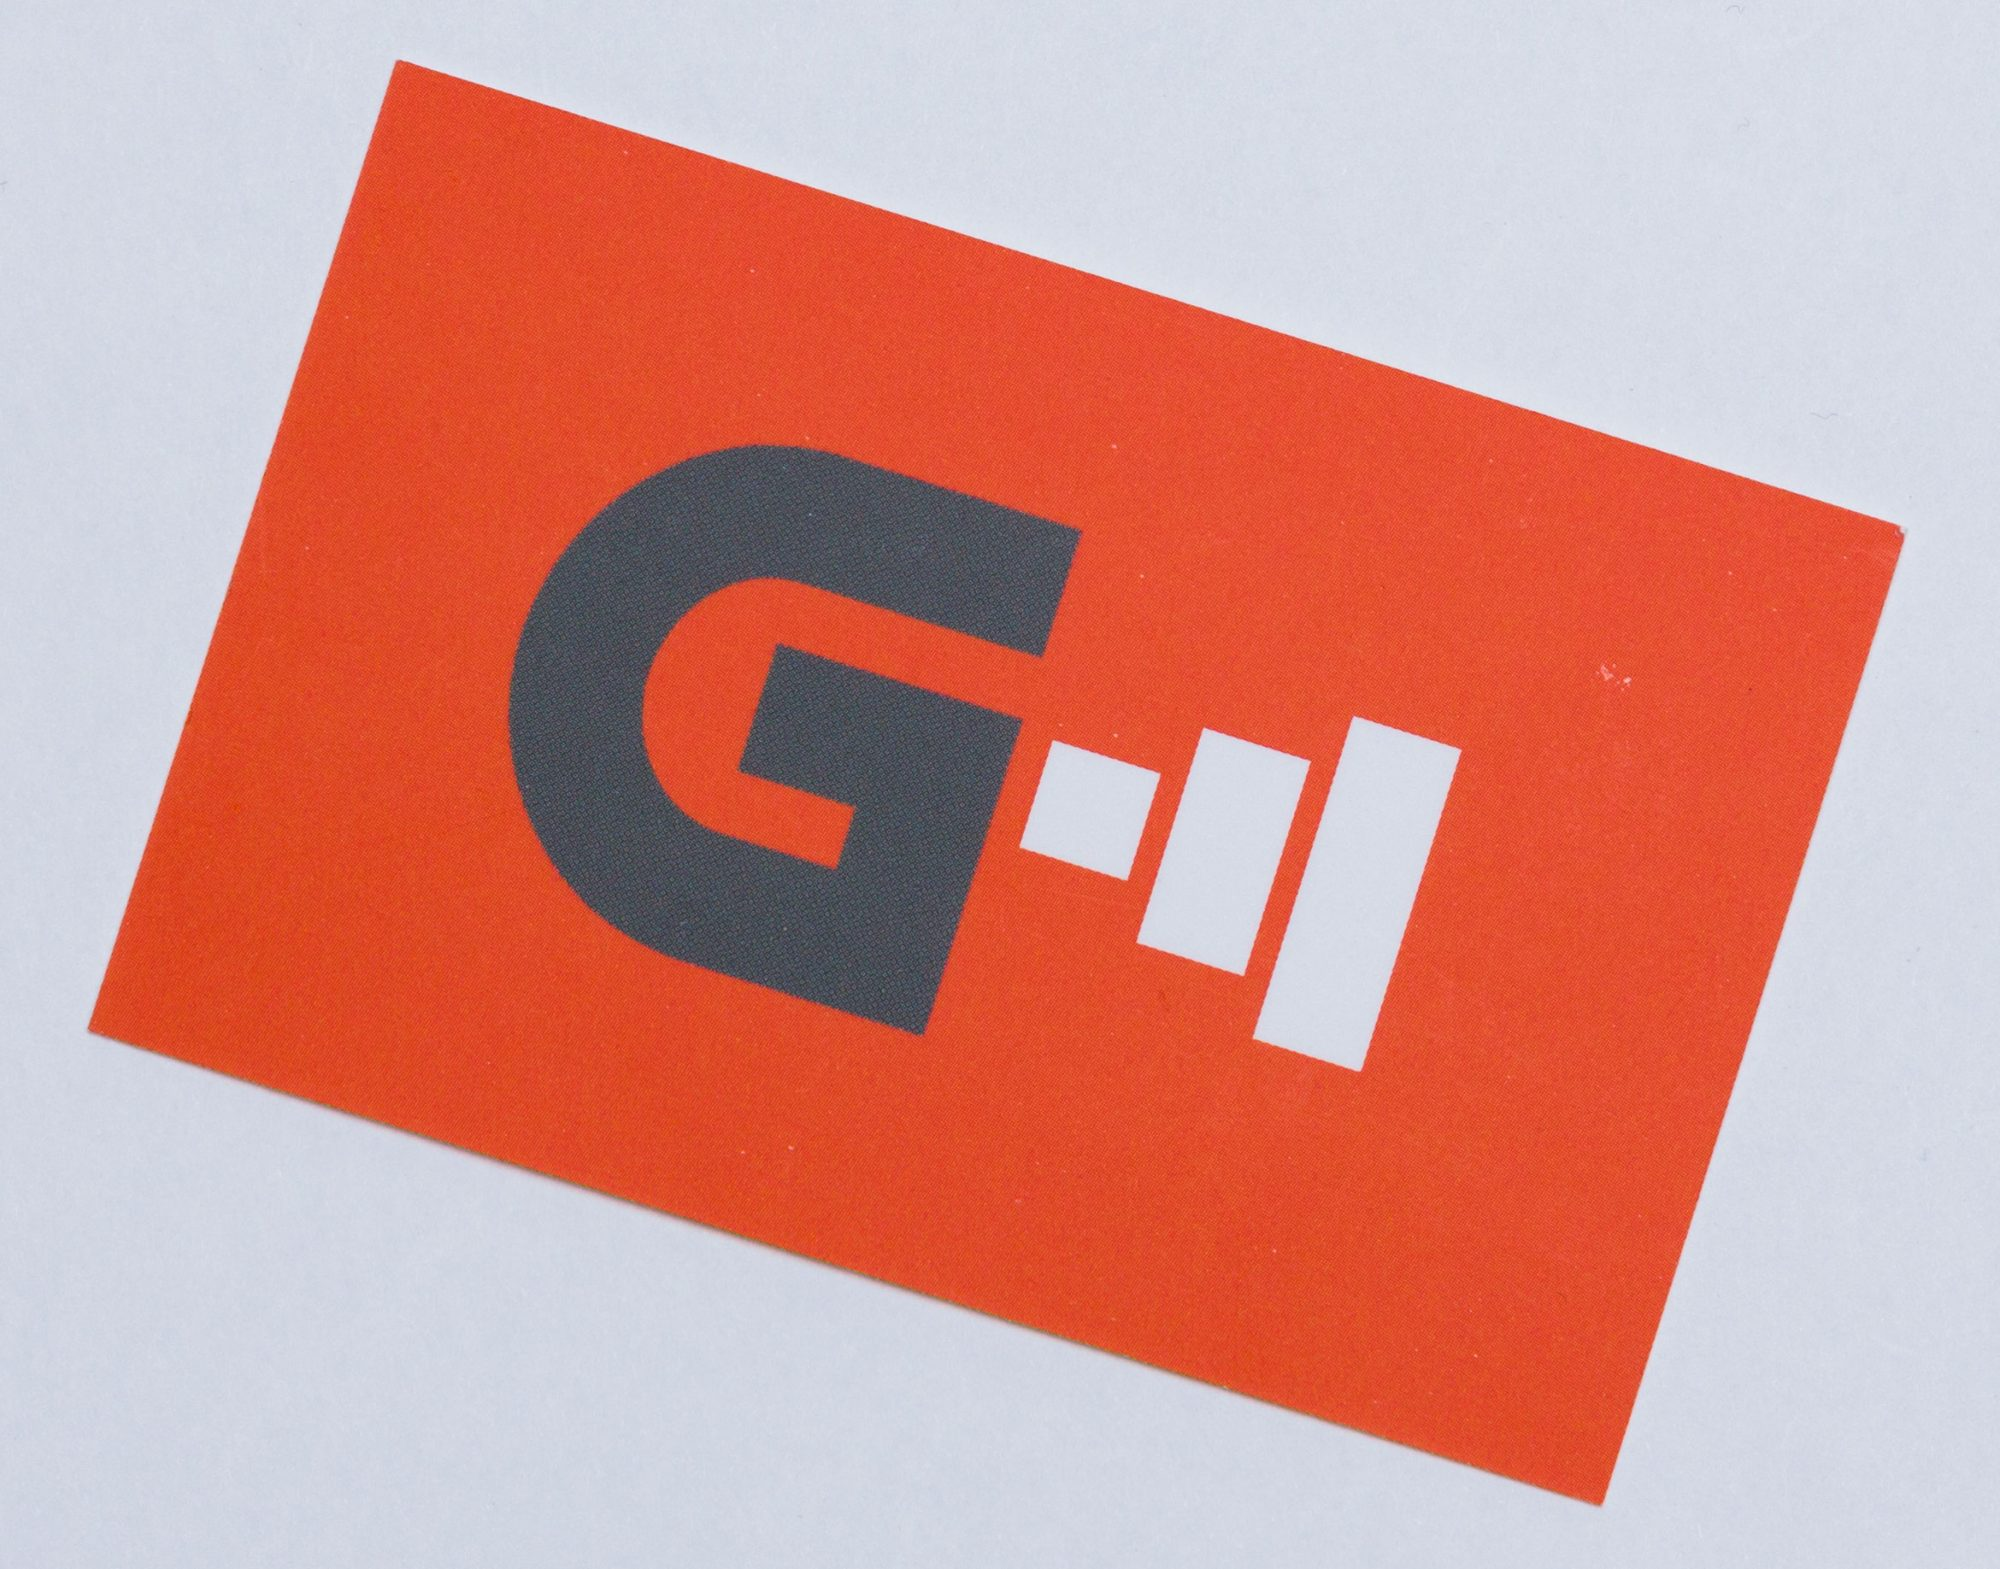 G3 Insurance